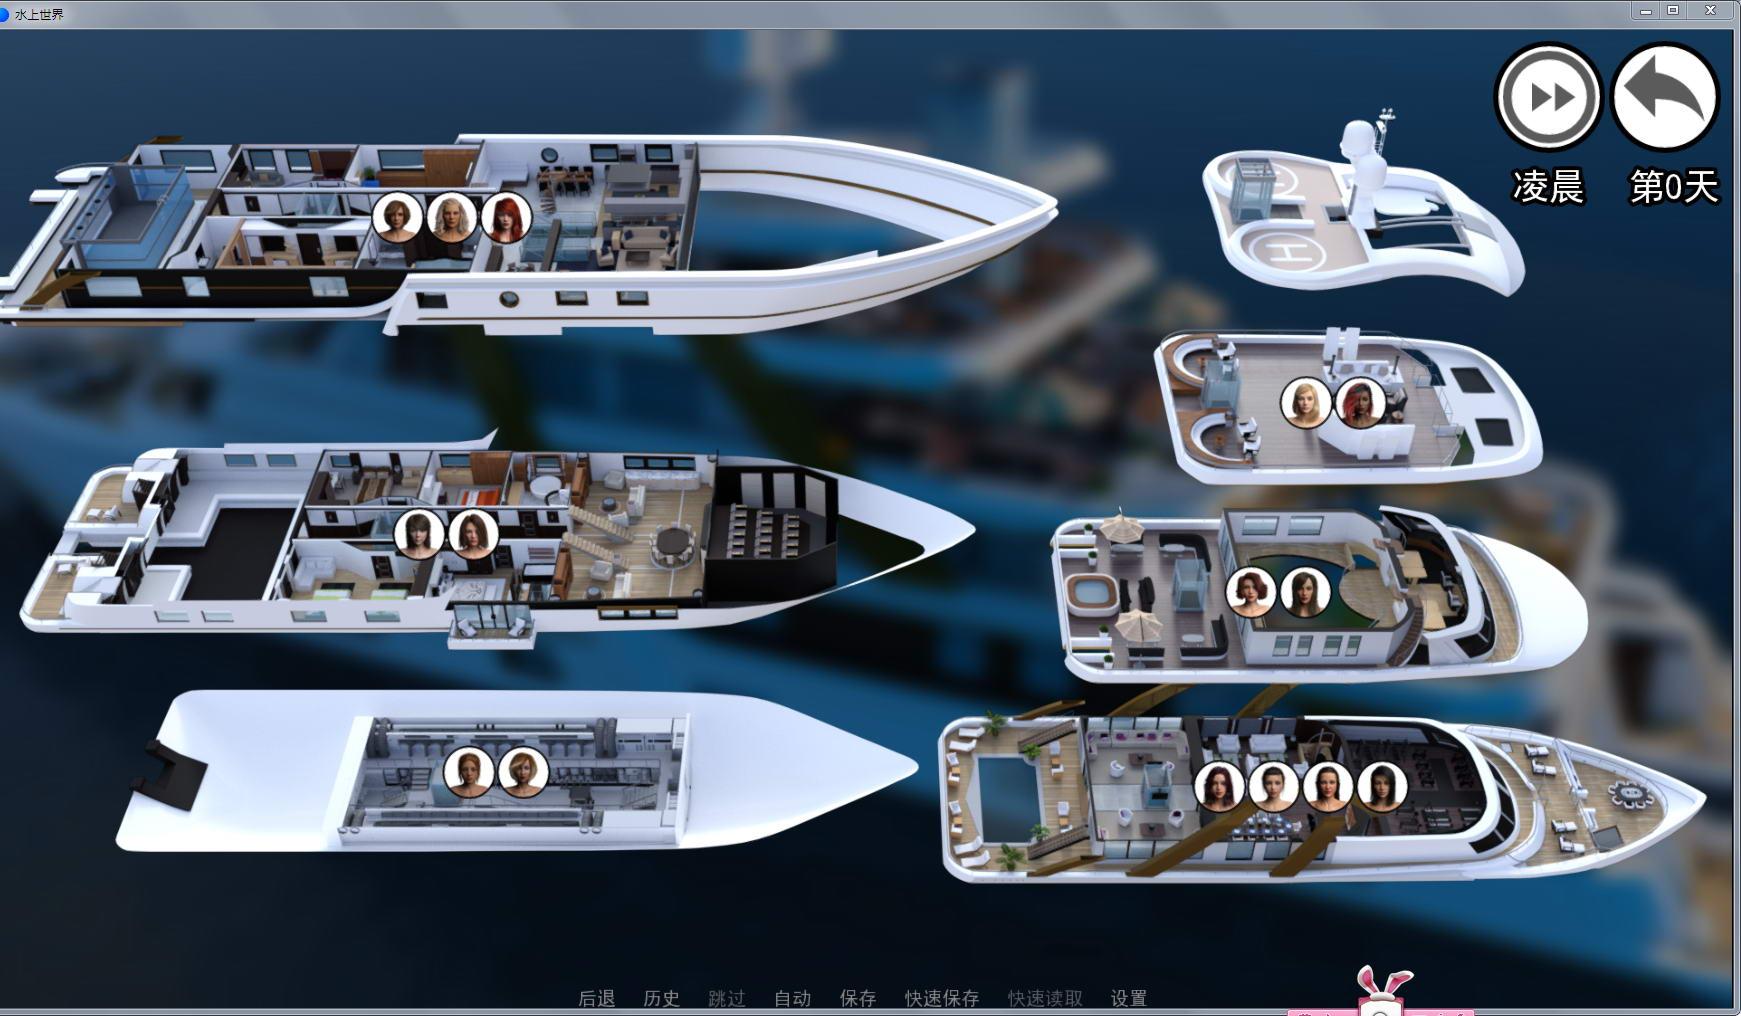 水上世界 V1.60 汉化作弊版 【后宫/更新/SLG/汉化/动态CG/PC+安卓/2.7G】10-17-02